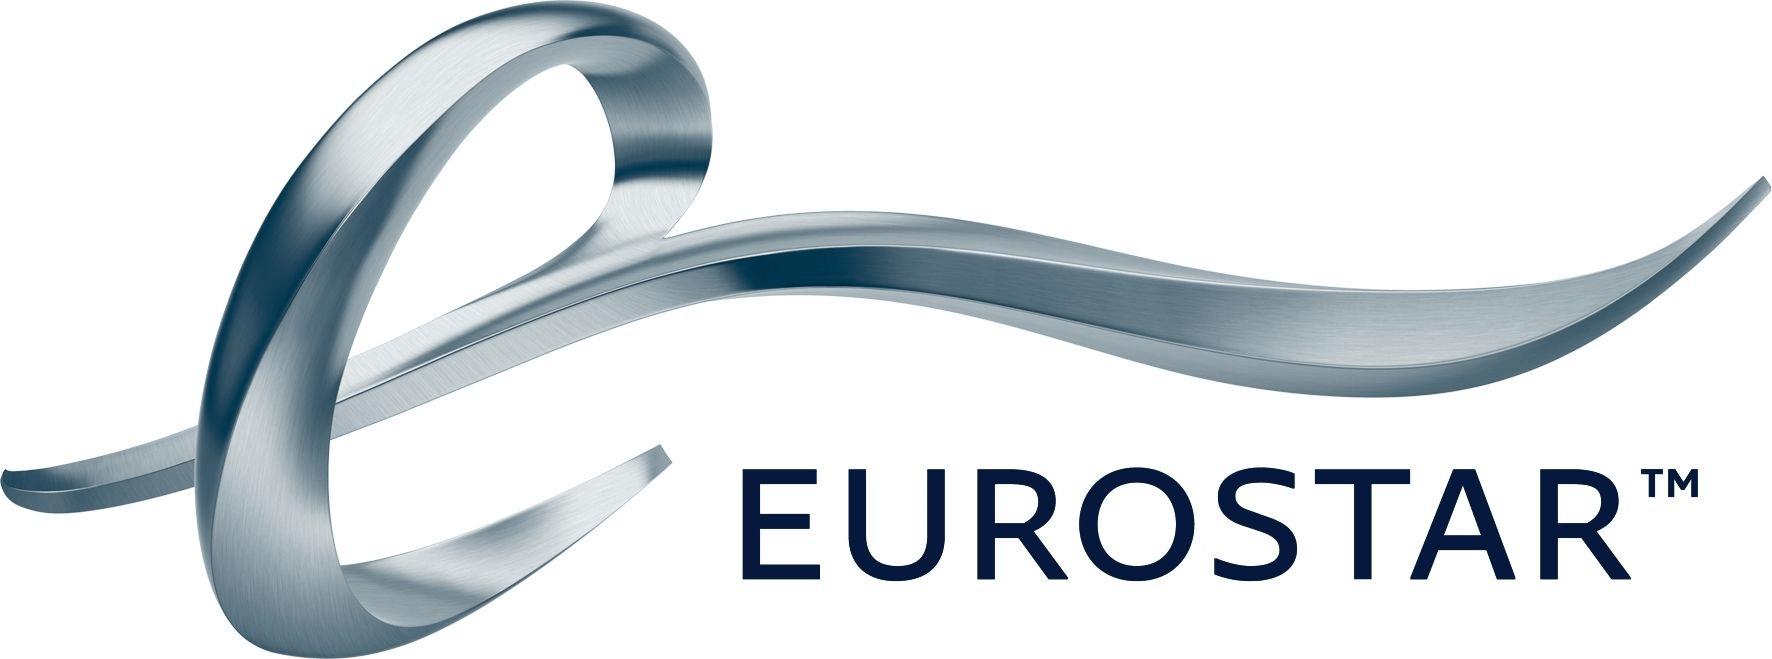 amex platinum eurostar